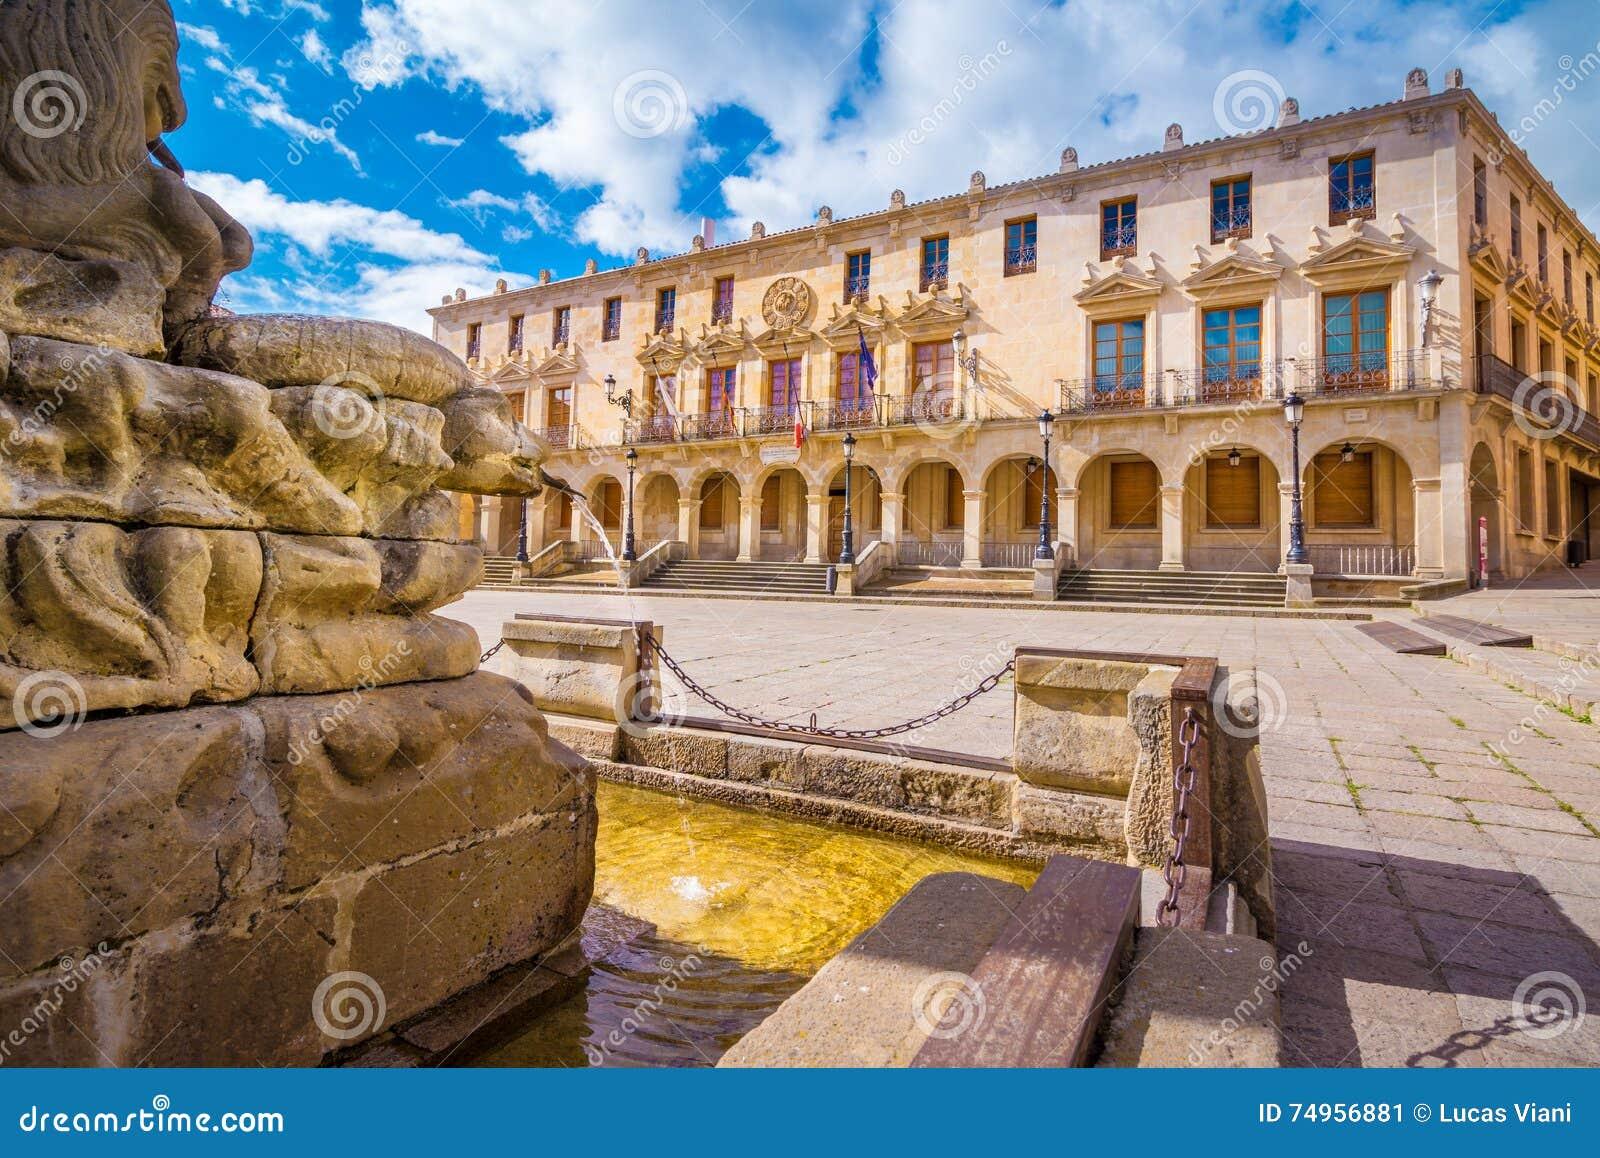 Hauptplatz in Soria